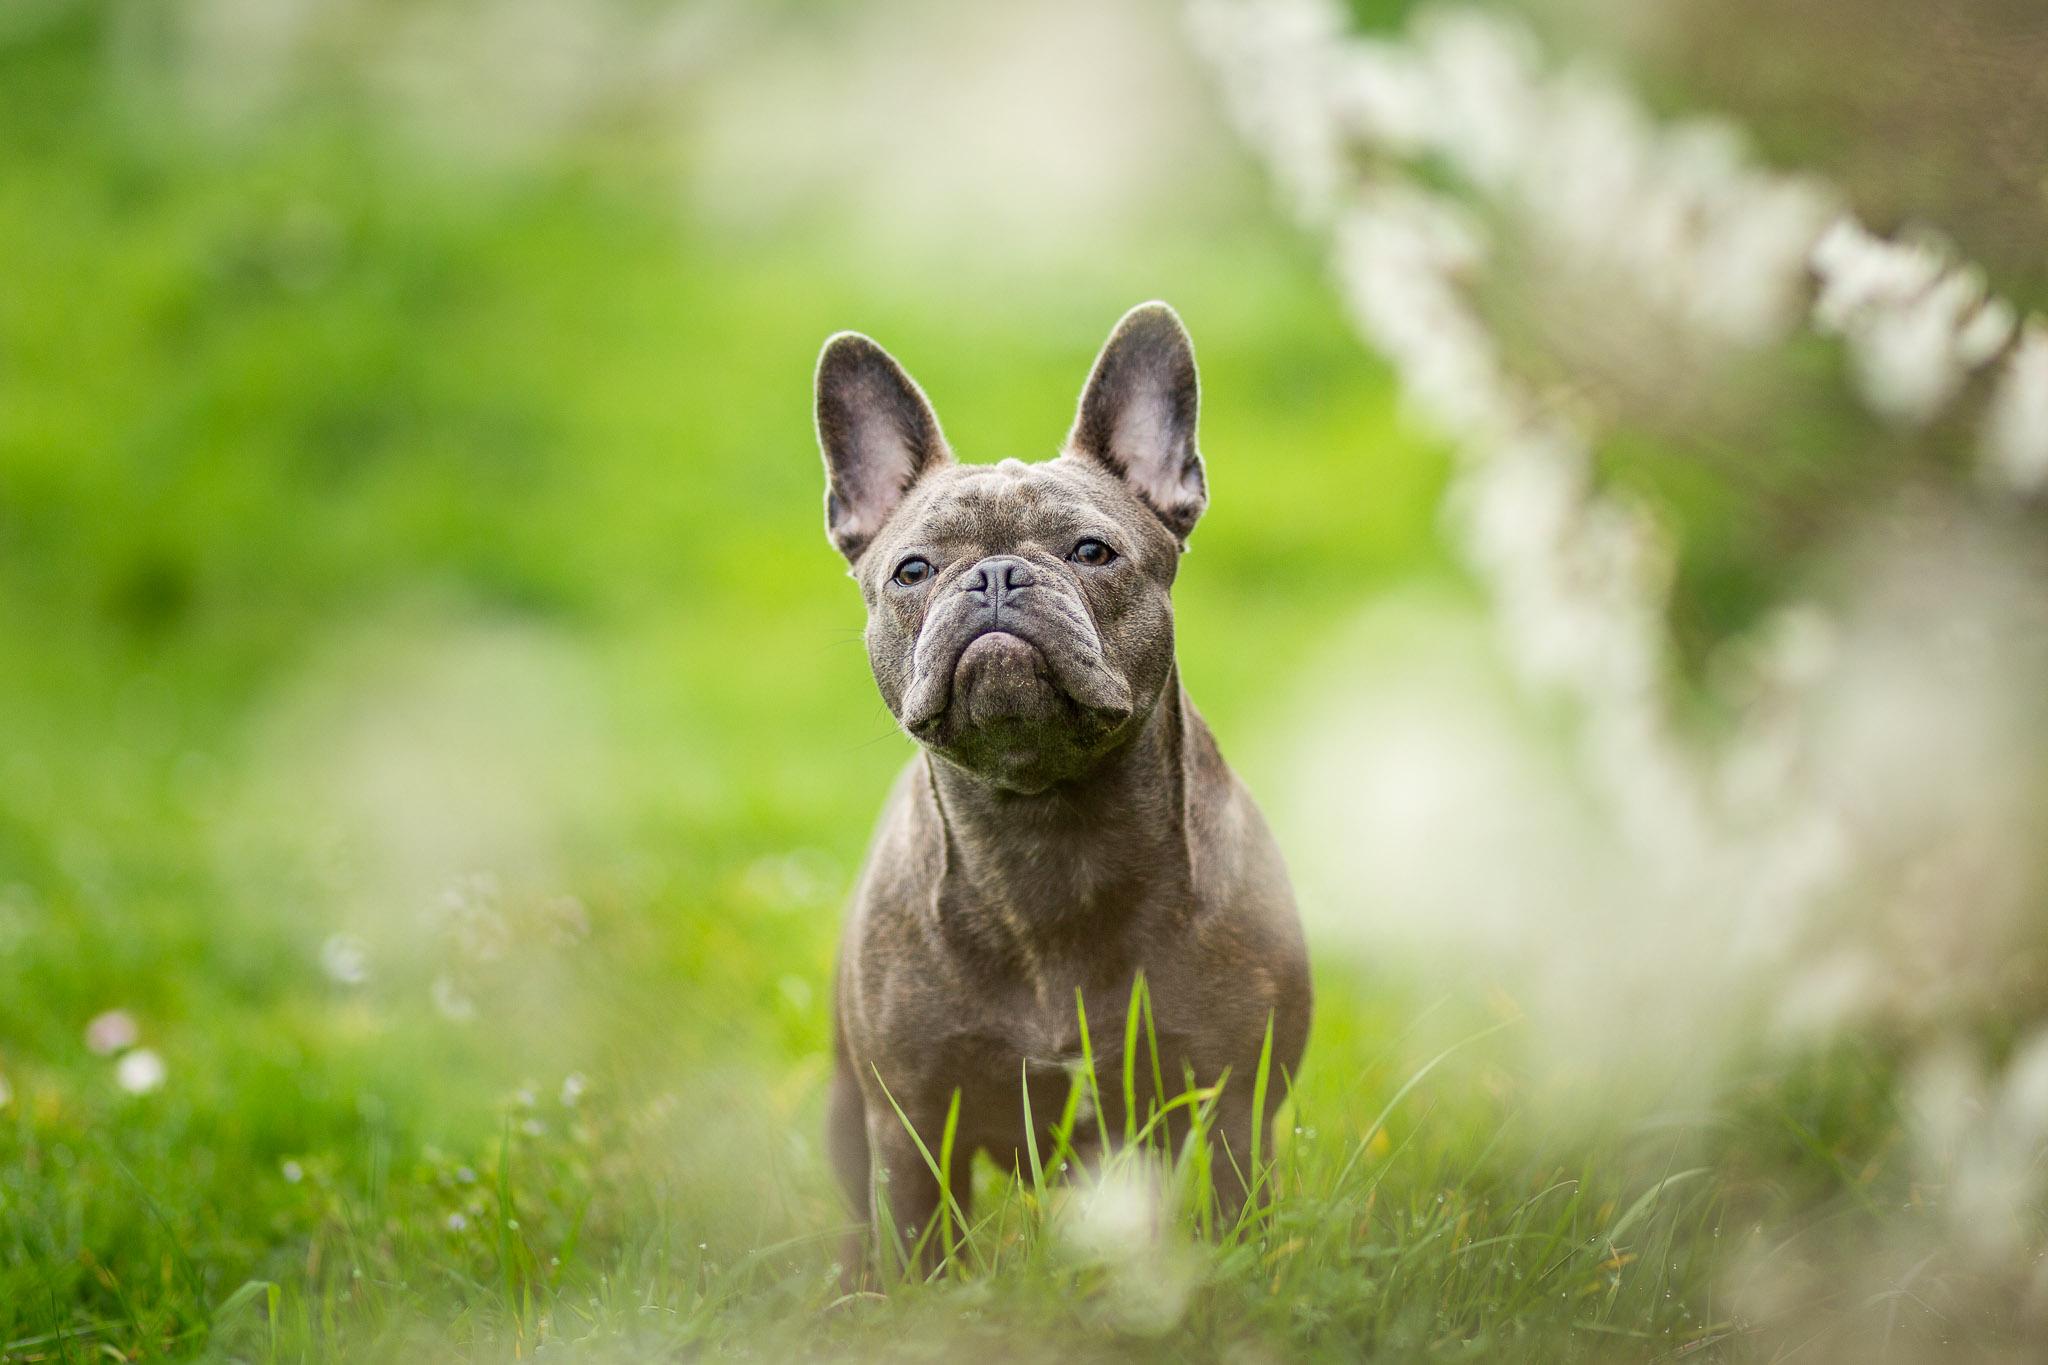 Franse bulldog puppy tussen de lichte lente kleuren in het voorjaar